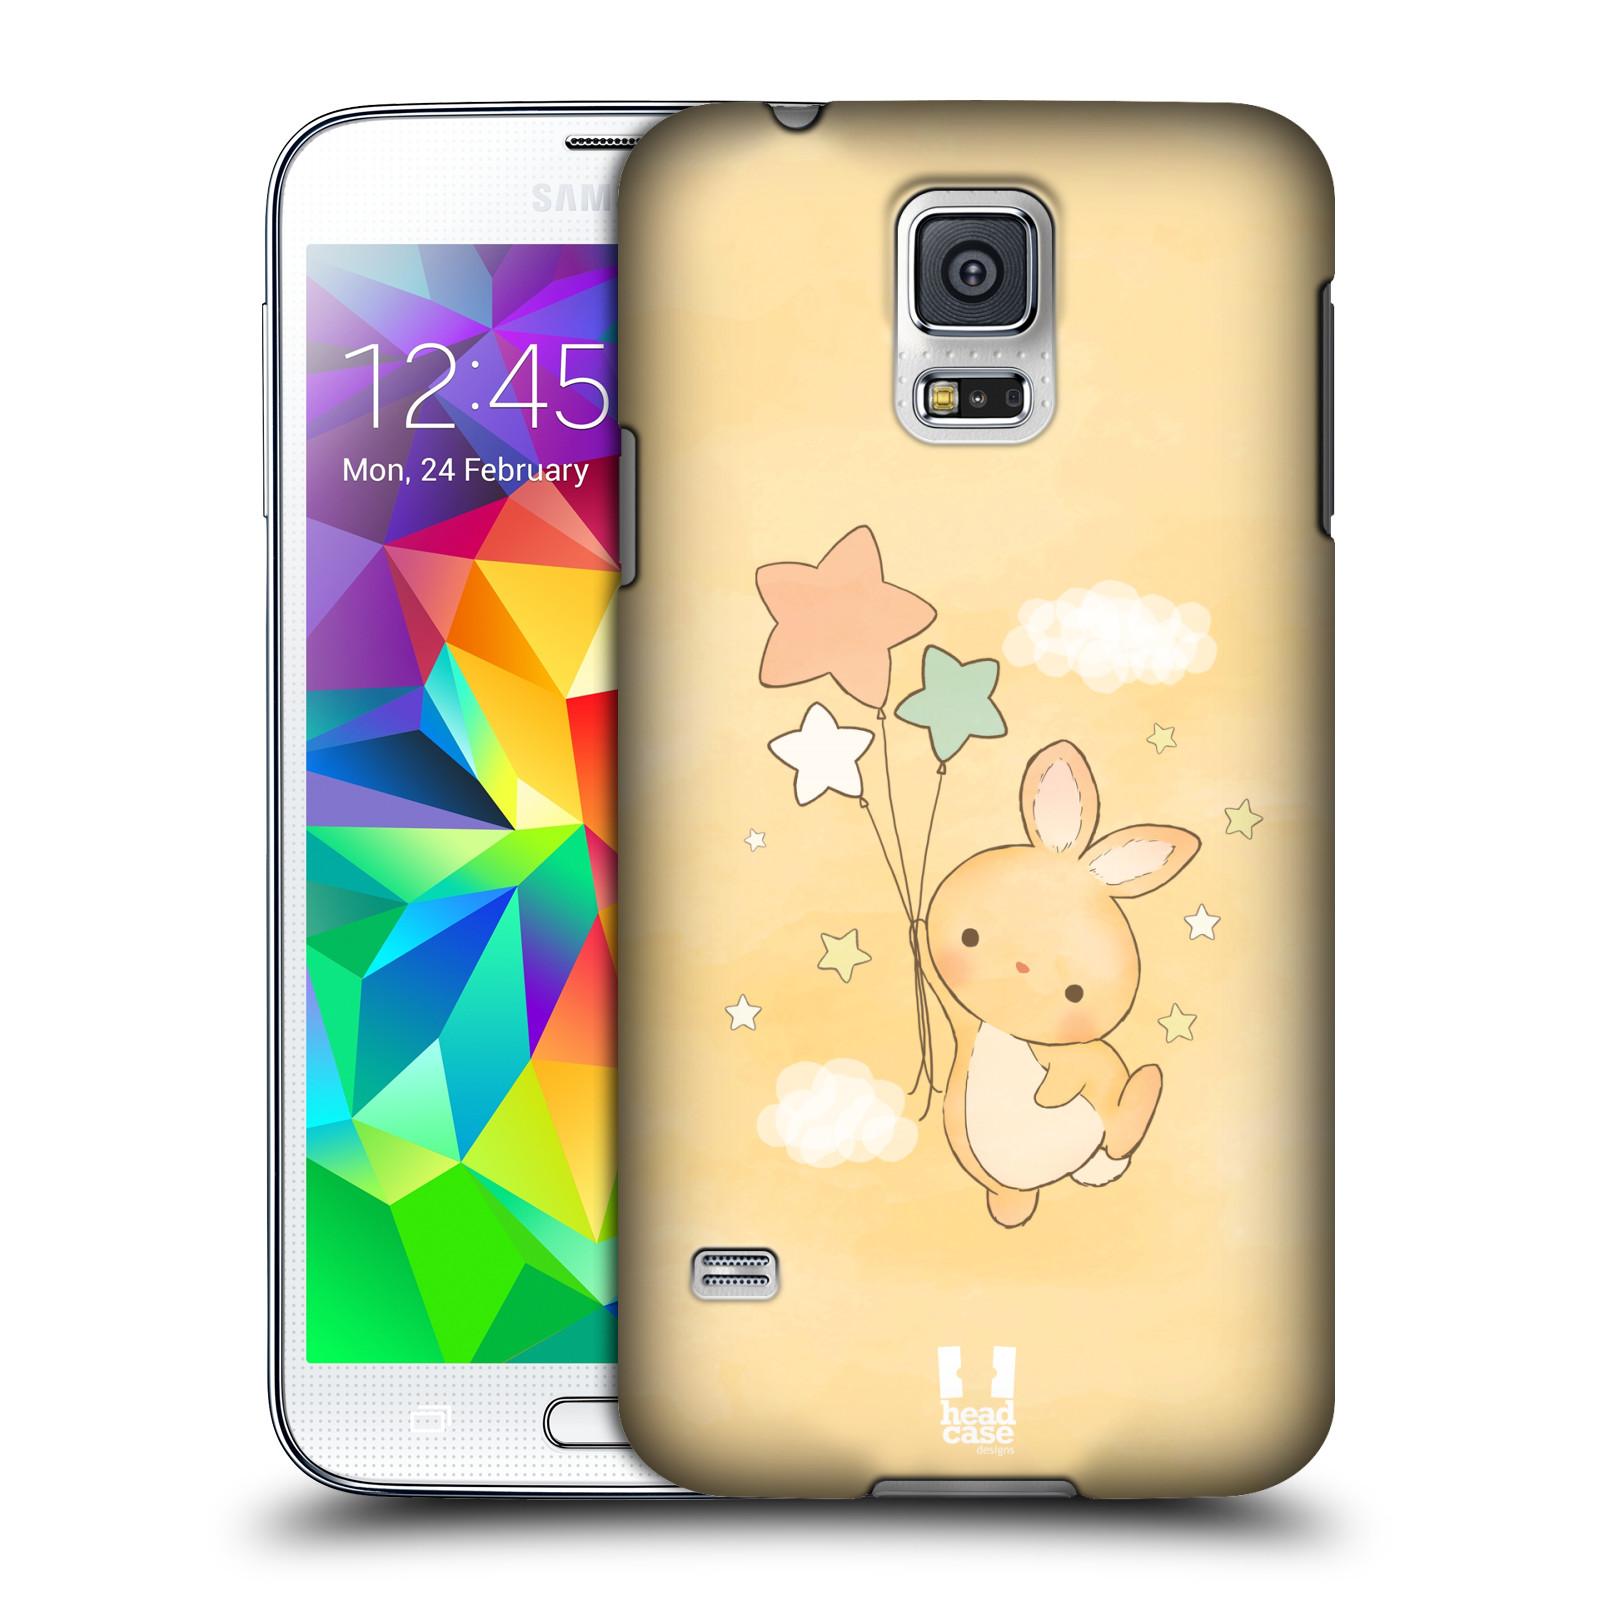 HEAD CASE plastový obal na mobil SAMSUNG Galaxy SS / S5 NEO (G900, G903F) vzor králíček a hvězdy žlutá